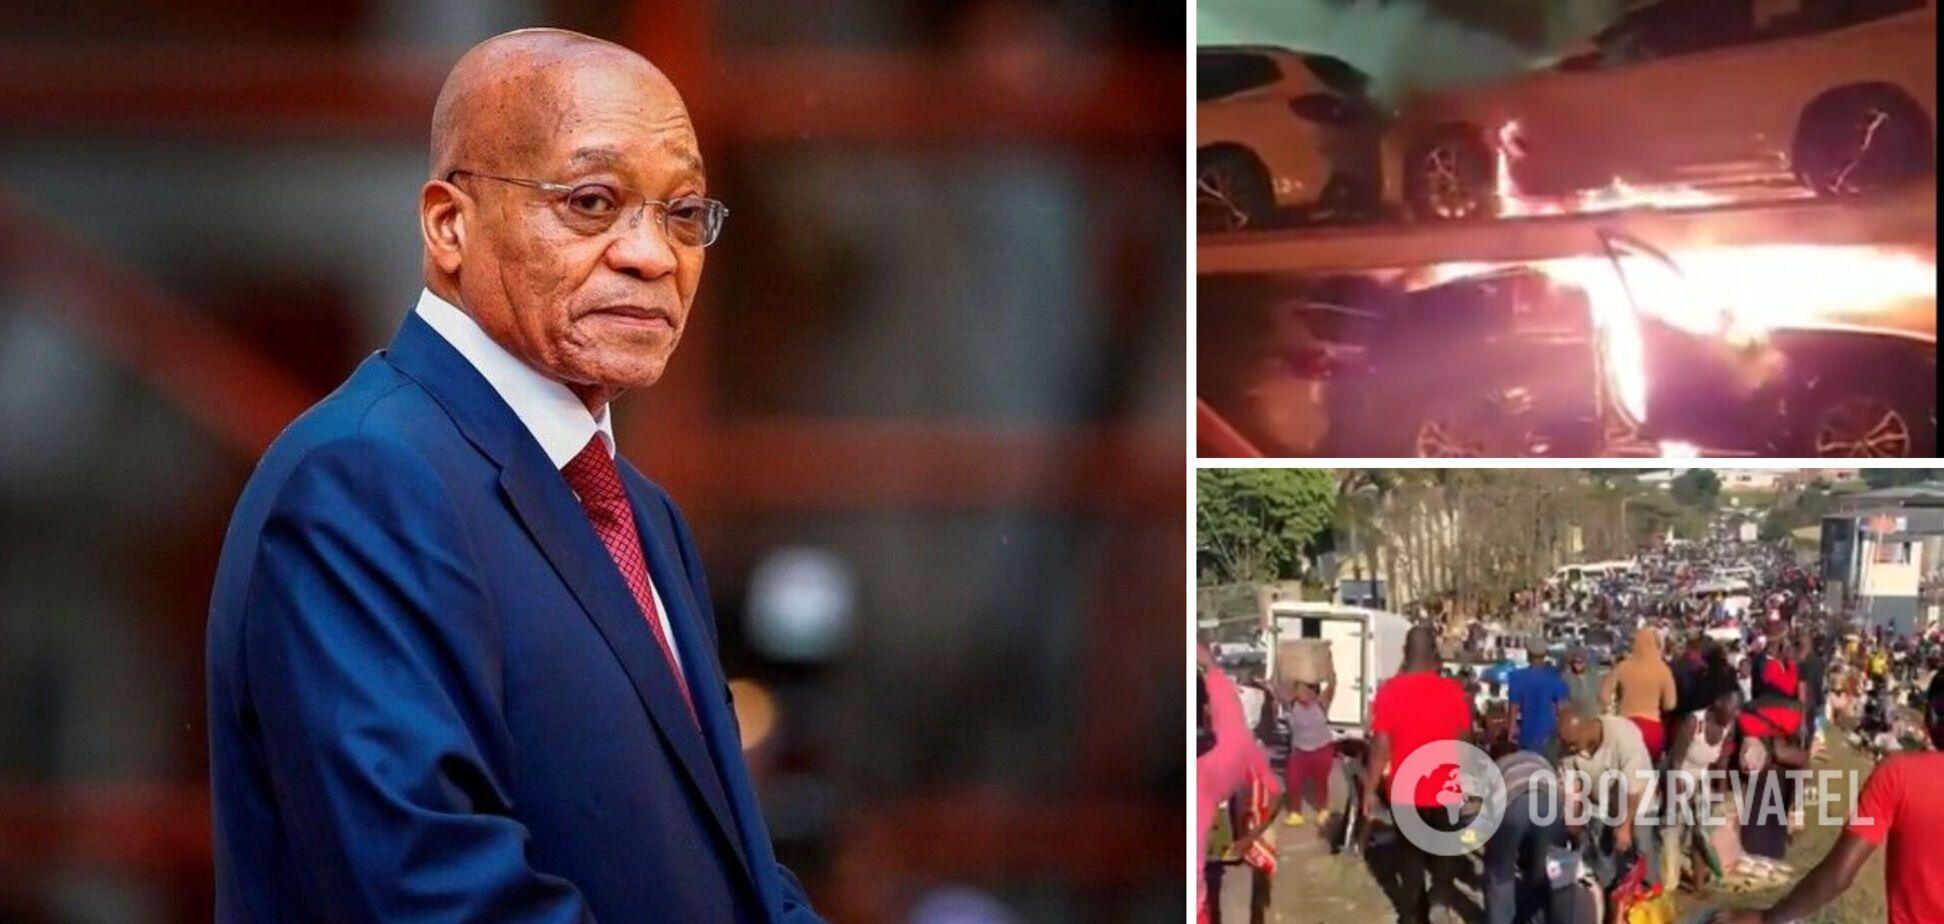 Палять машини і грабують магазини: в ПАР спалахнули протести на батьківщині засудженого експрезидента. Відео